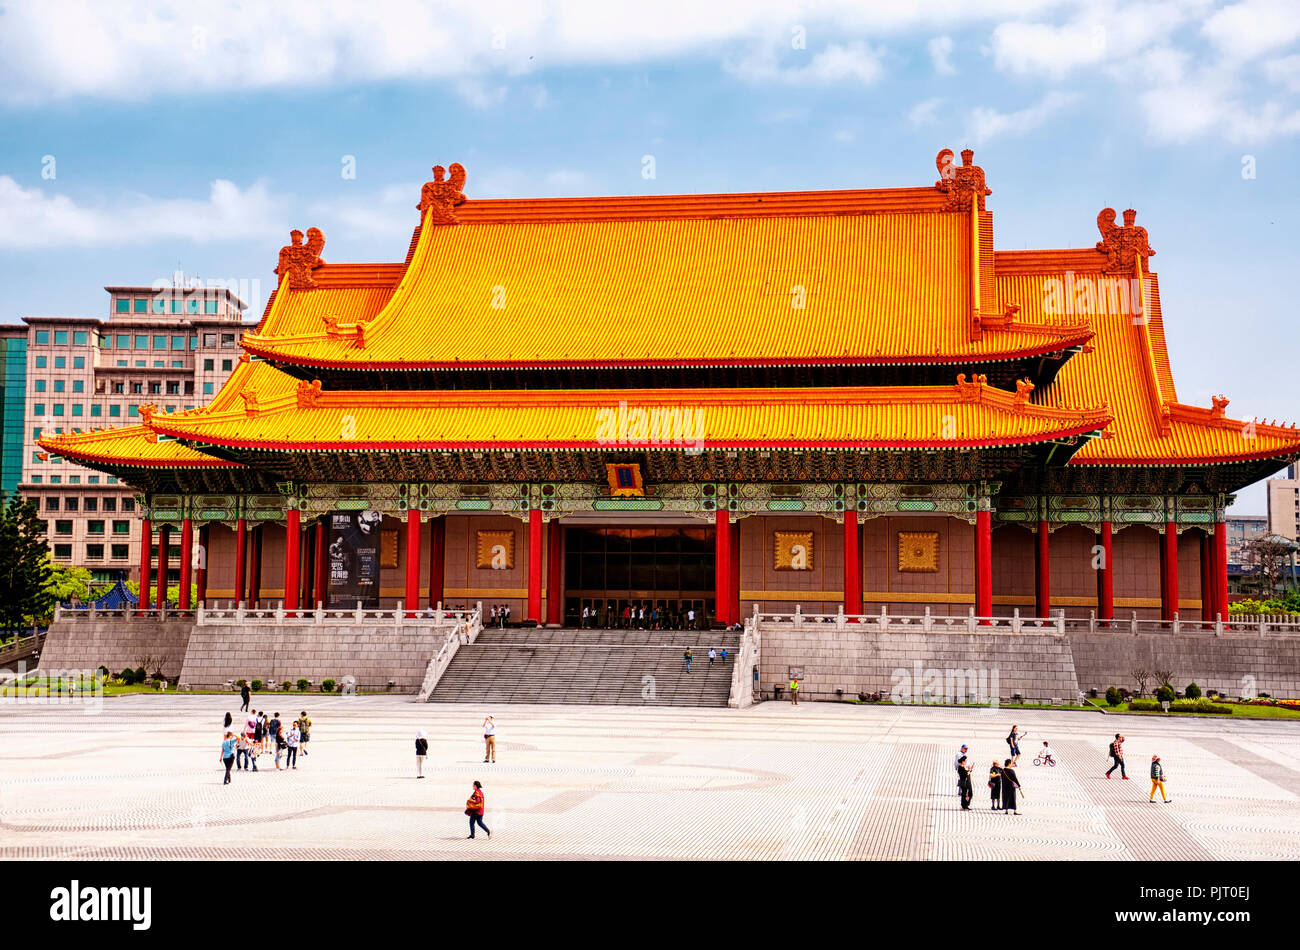 Marzo 31, 2018. Taipei, Taiwan. I turisti in visita a Piazza della libertà di fronte al national concert hall nella città di Taipei, Taiwan. Immagini Stock